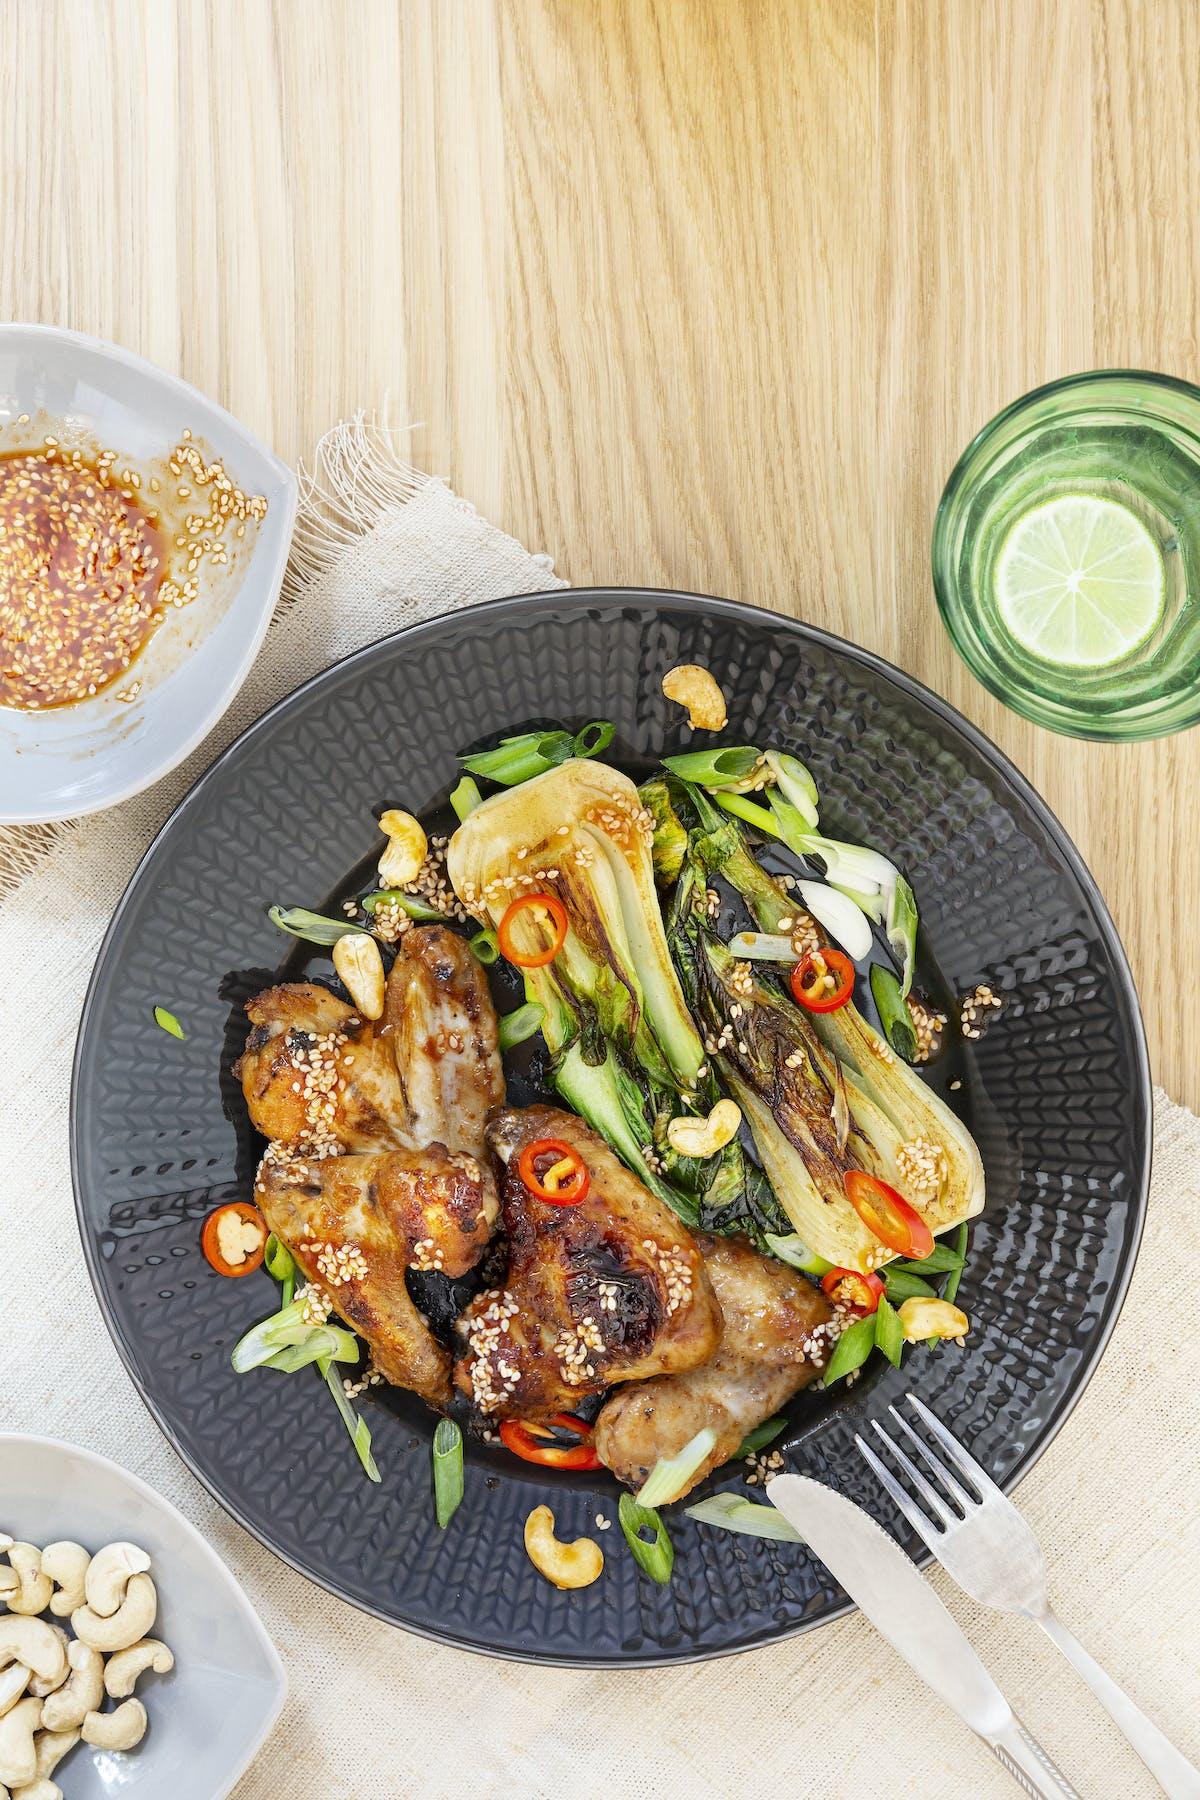 Alitas de pollo bajas en carbos al estilo asiático